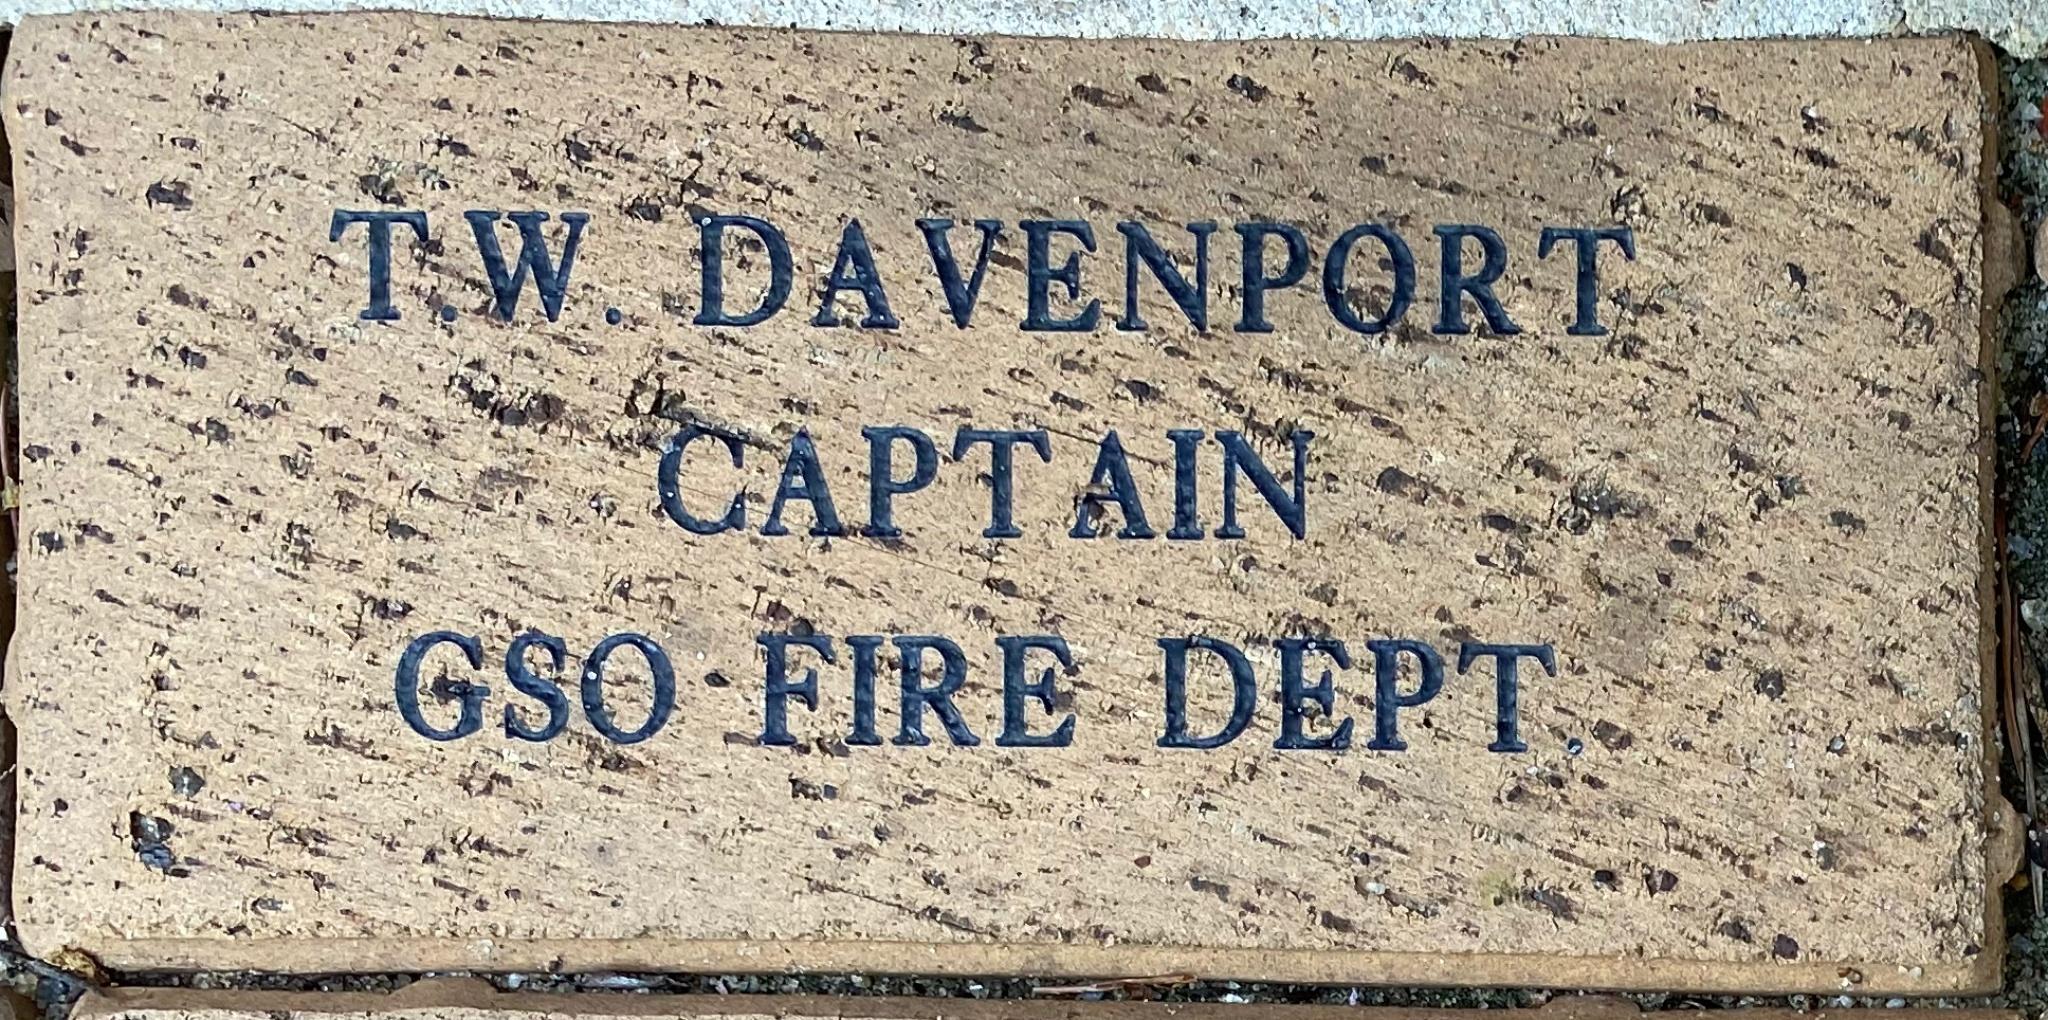 T.W. DAVENPORT CAPTAIN GSO FIRE DEPT.